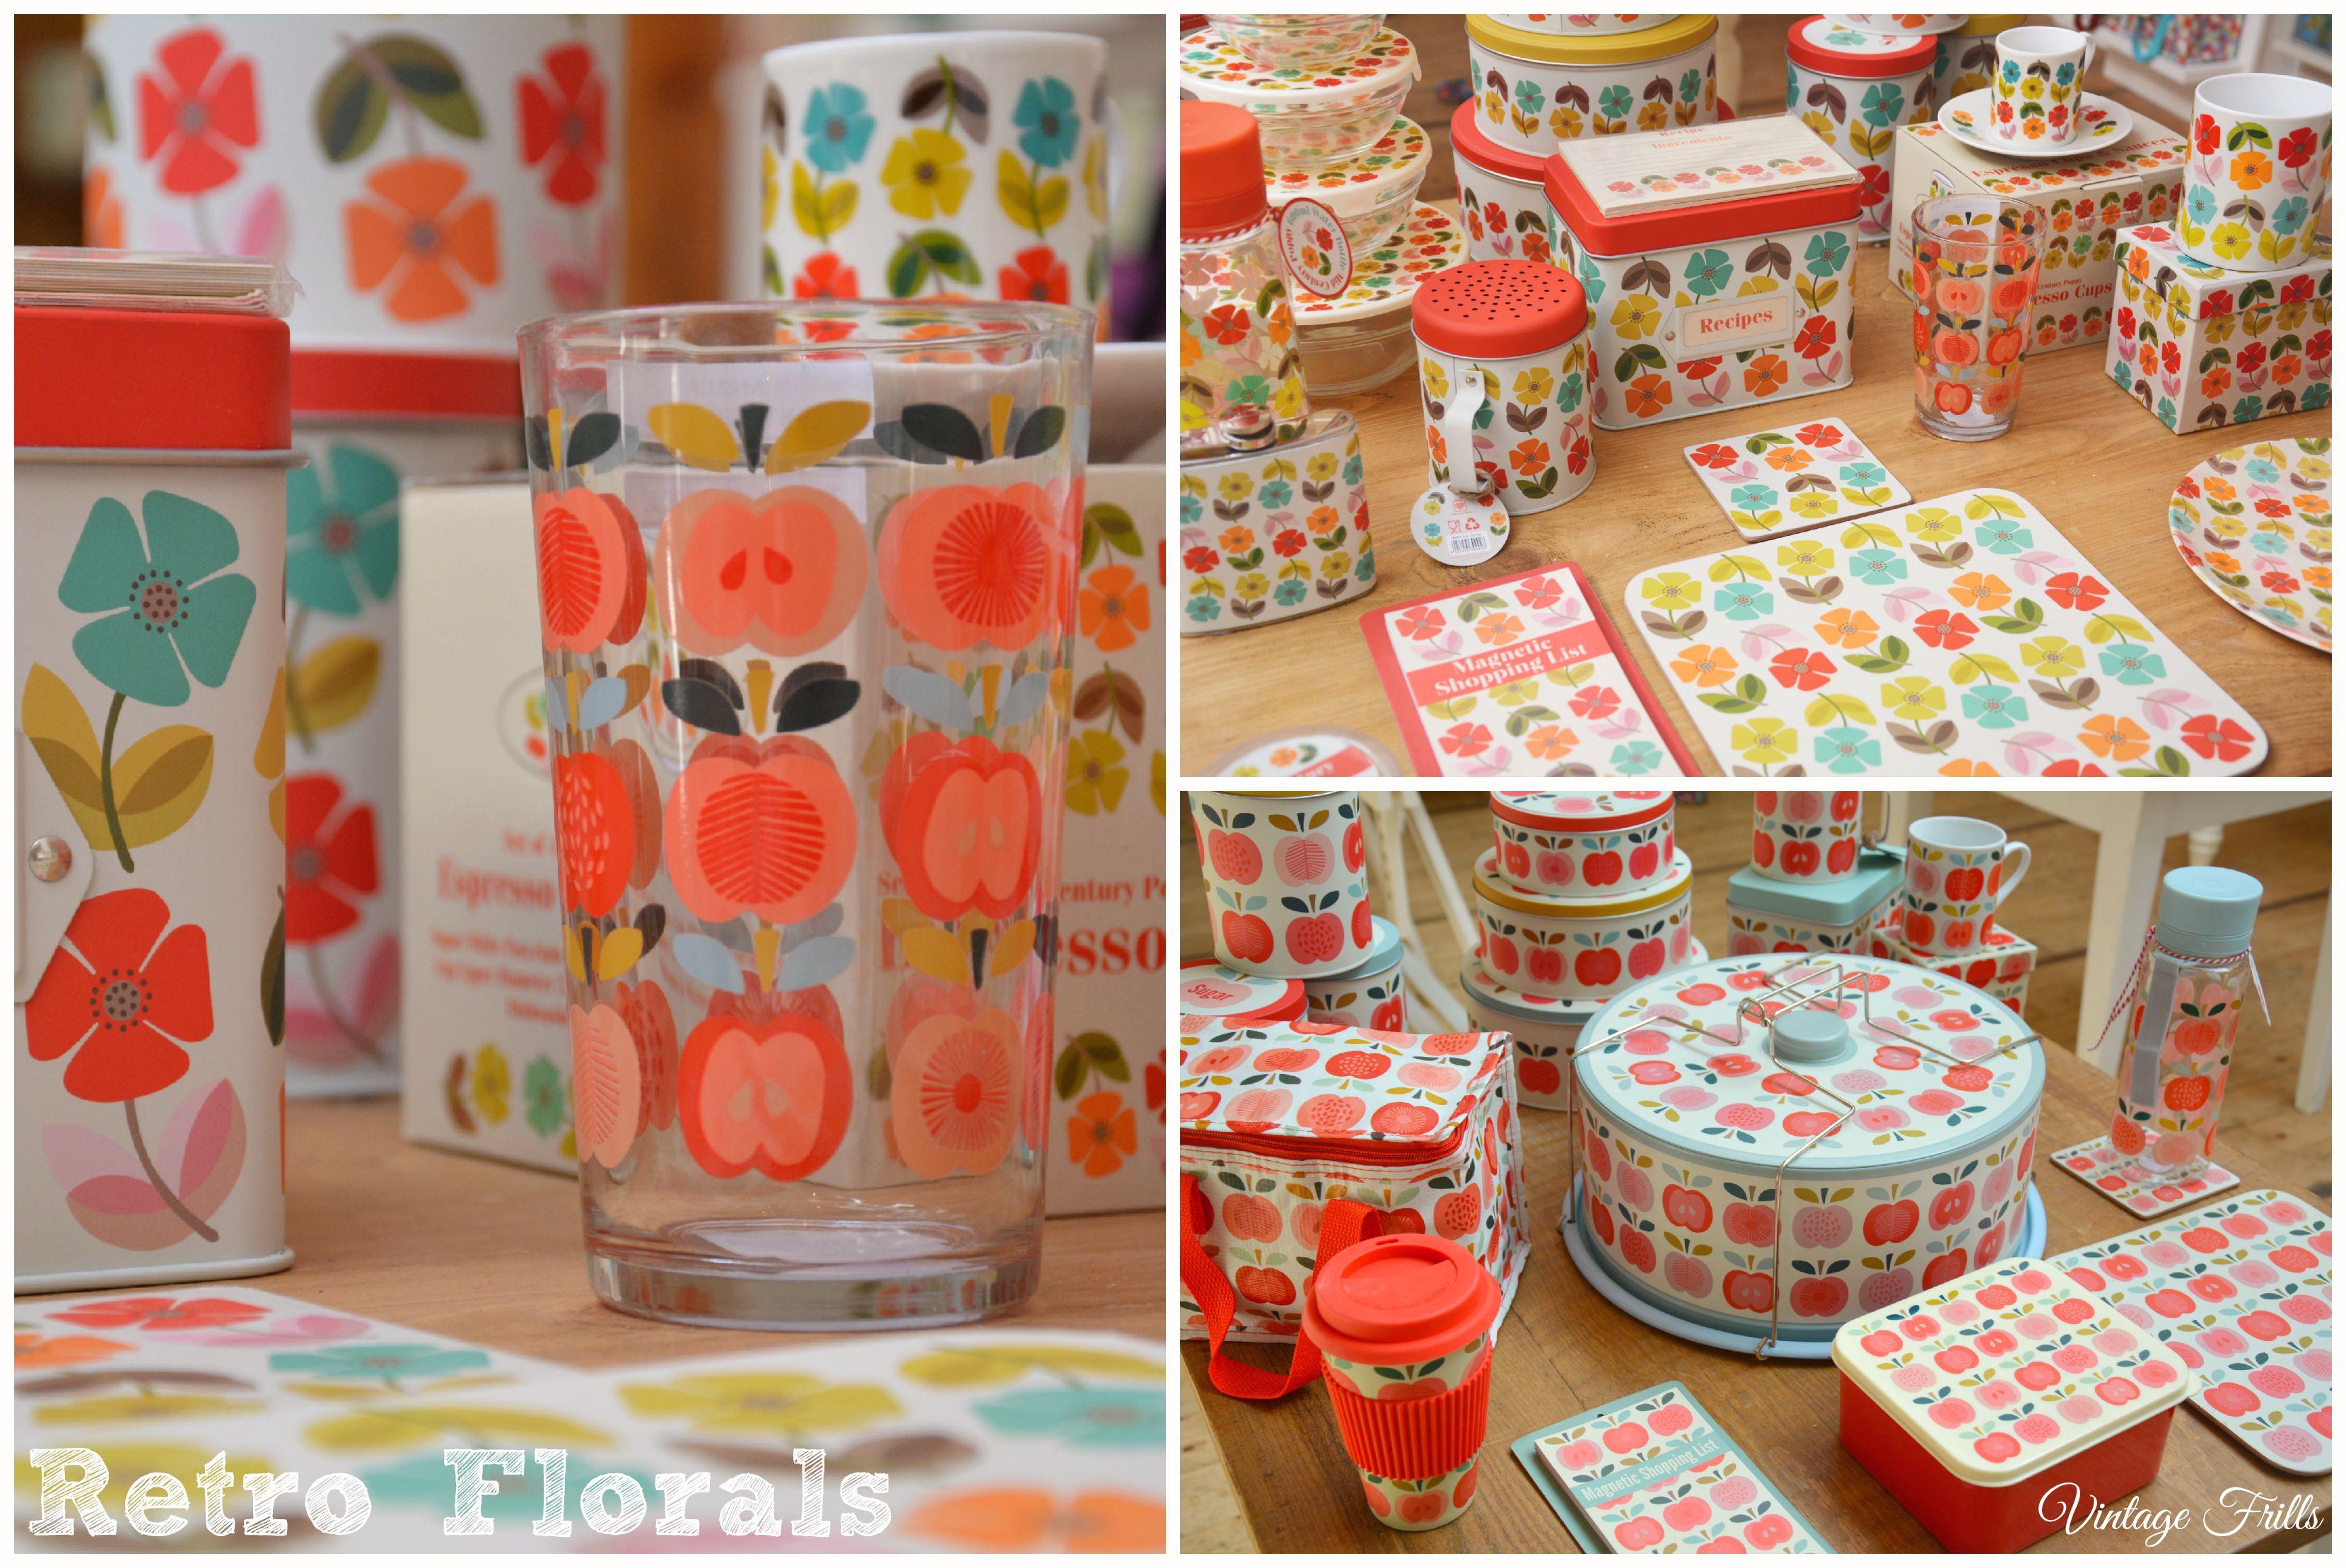 Retro Floral Tableware Dot Com Gift Shop  Vintage Frills